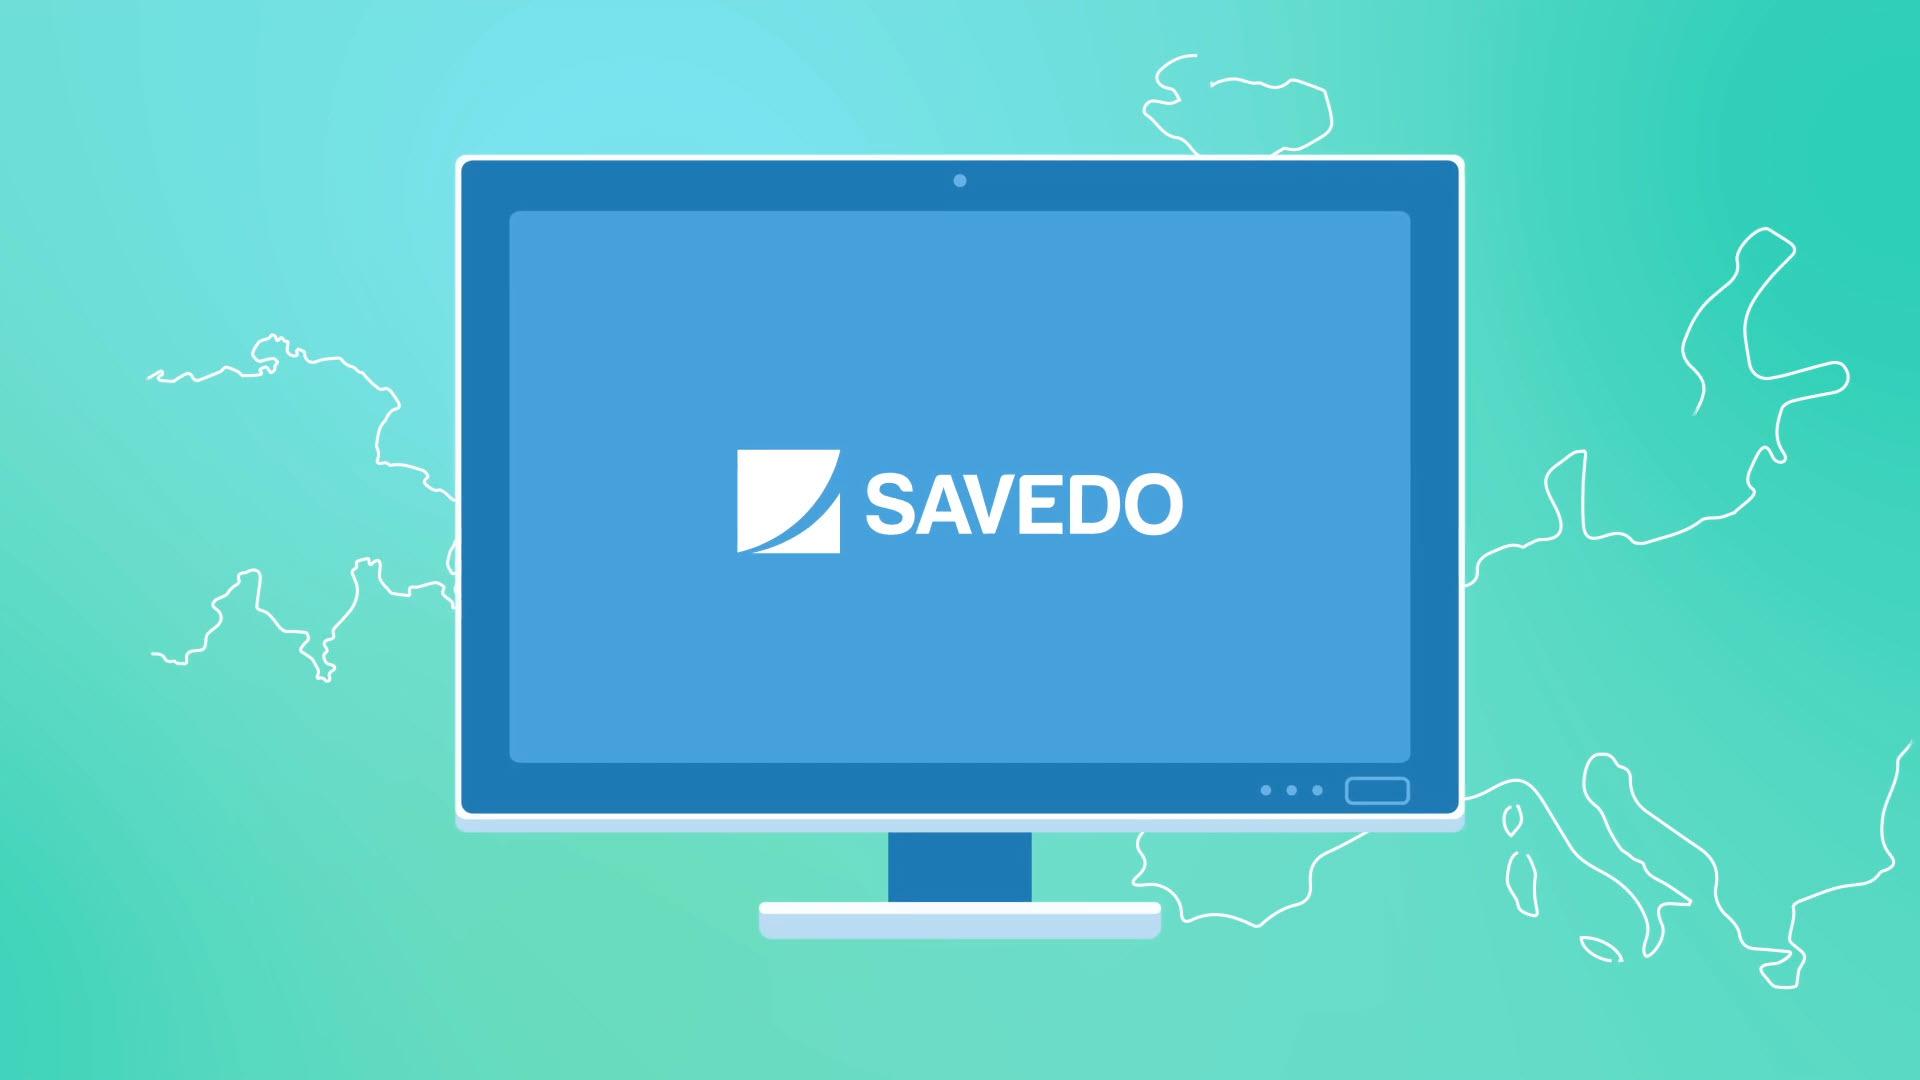 Festgeld-Anlage in der Schweiz über Savedo - Hohe Zinsen auf dem Festgeldkonto